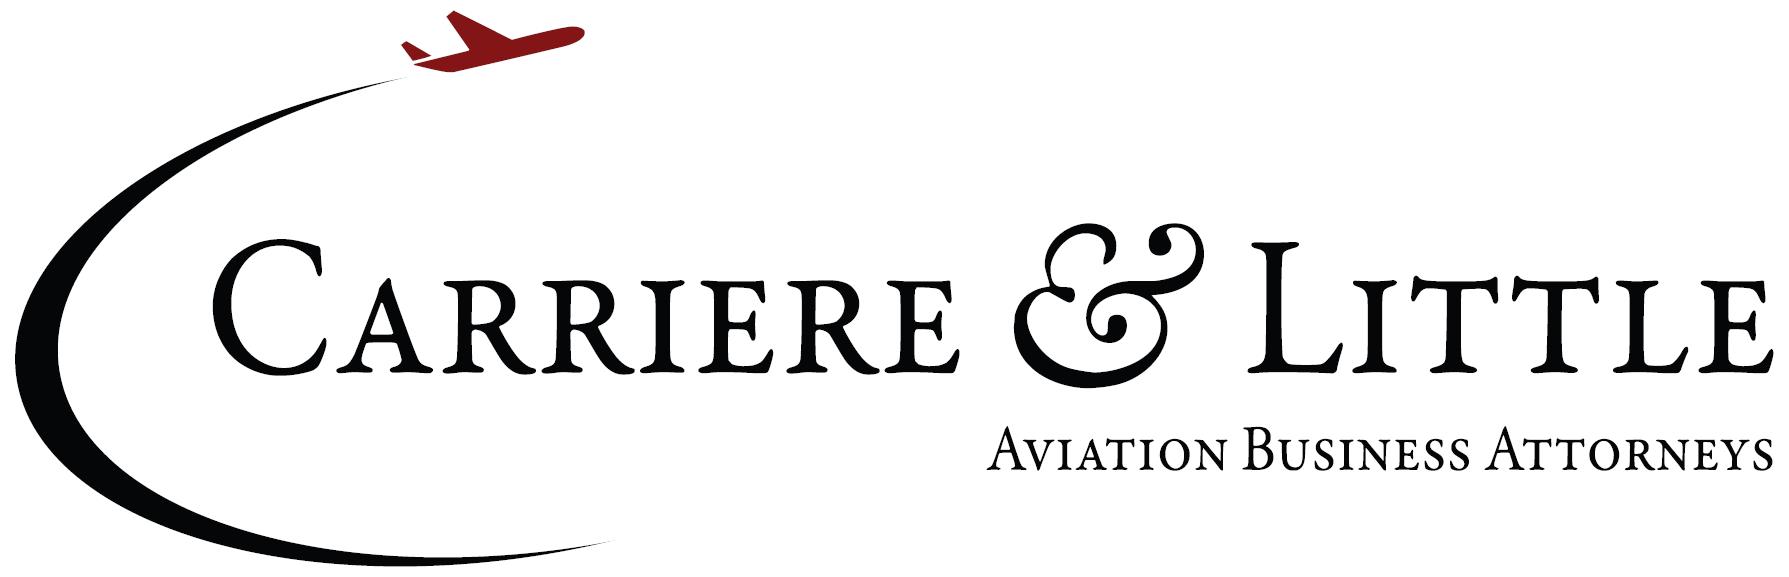 Carriere & Little, LLP logo